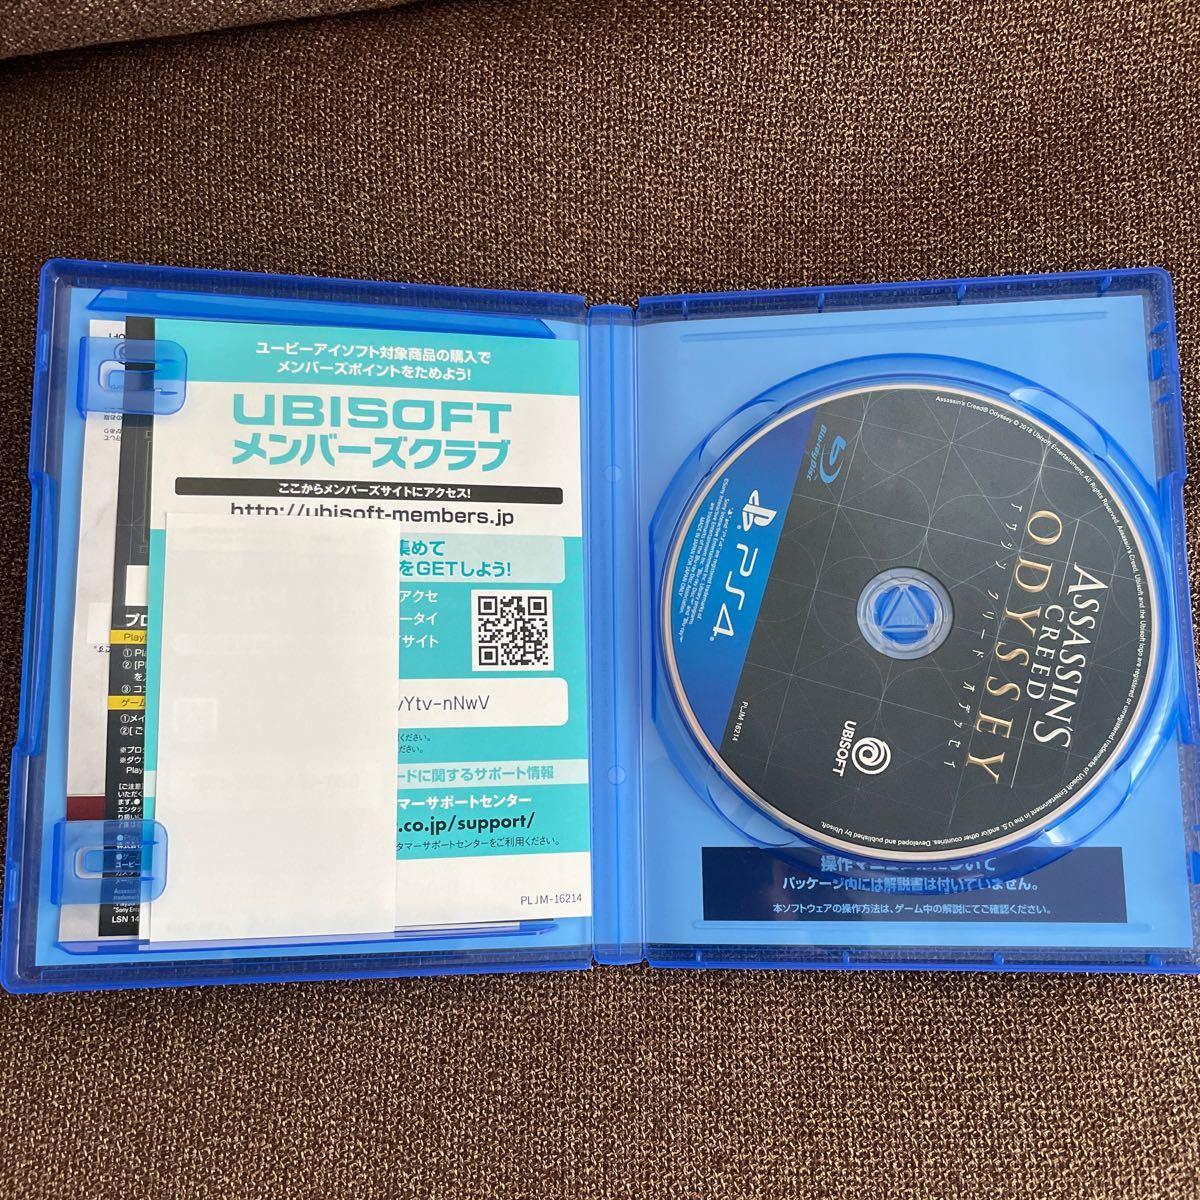 アサシン クリード オデッセイ - PS4 ソフト